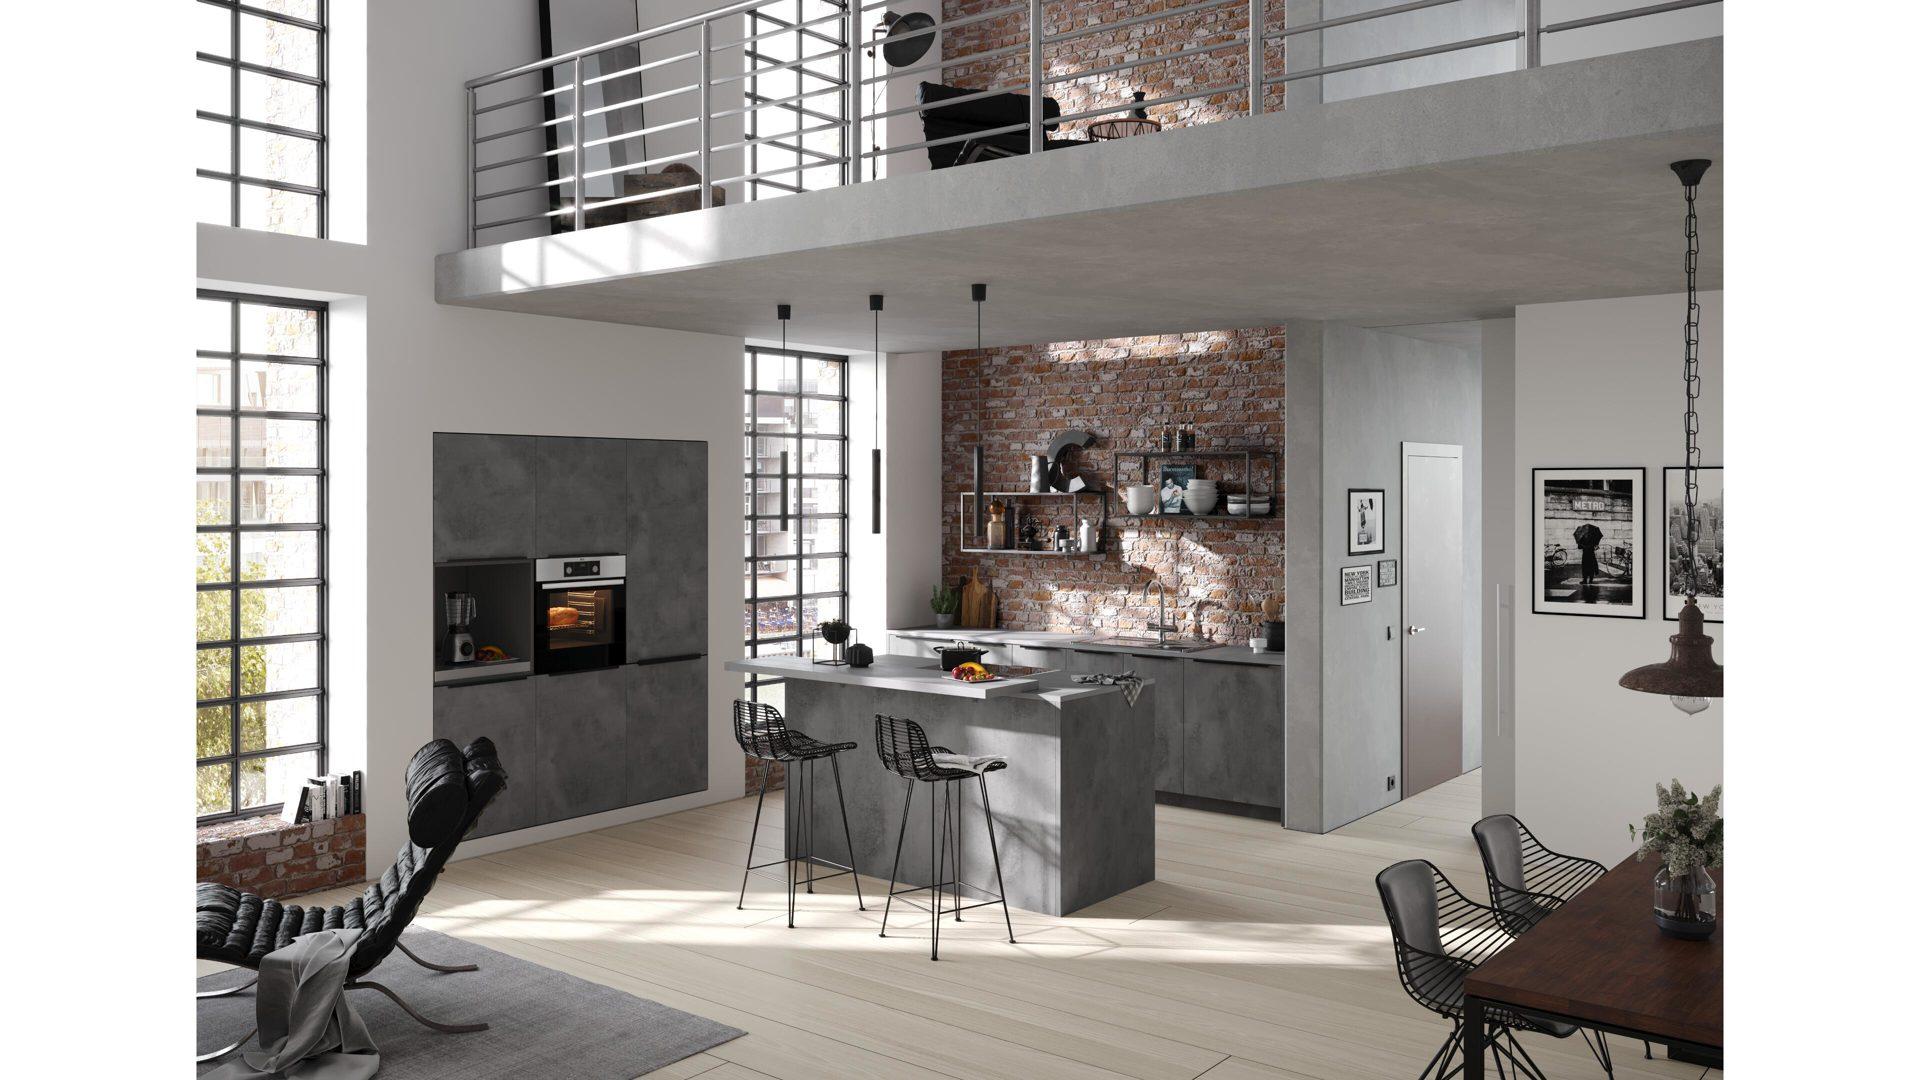 Culineo Küche Mit Aeg Einbaugeräten Beton Anthrazitfarbene